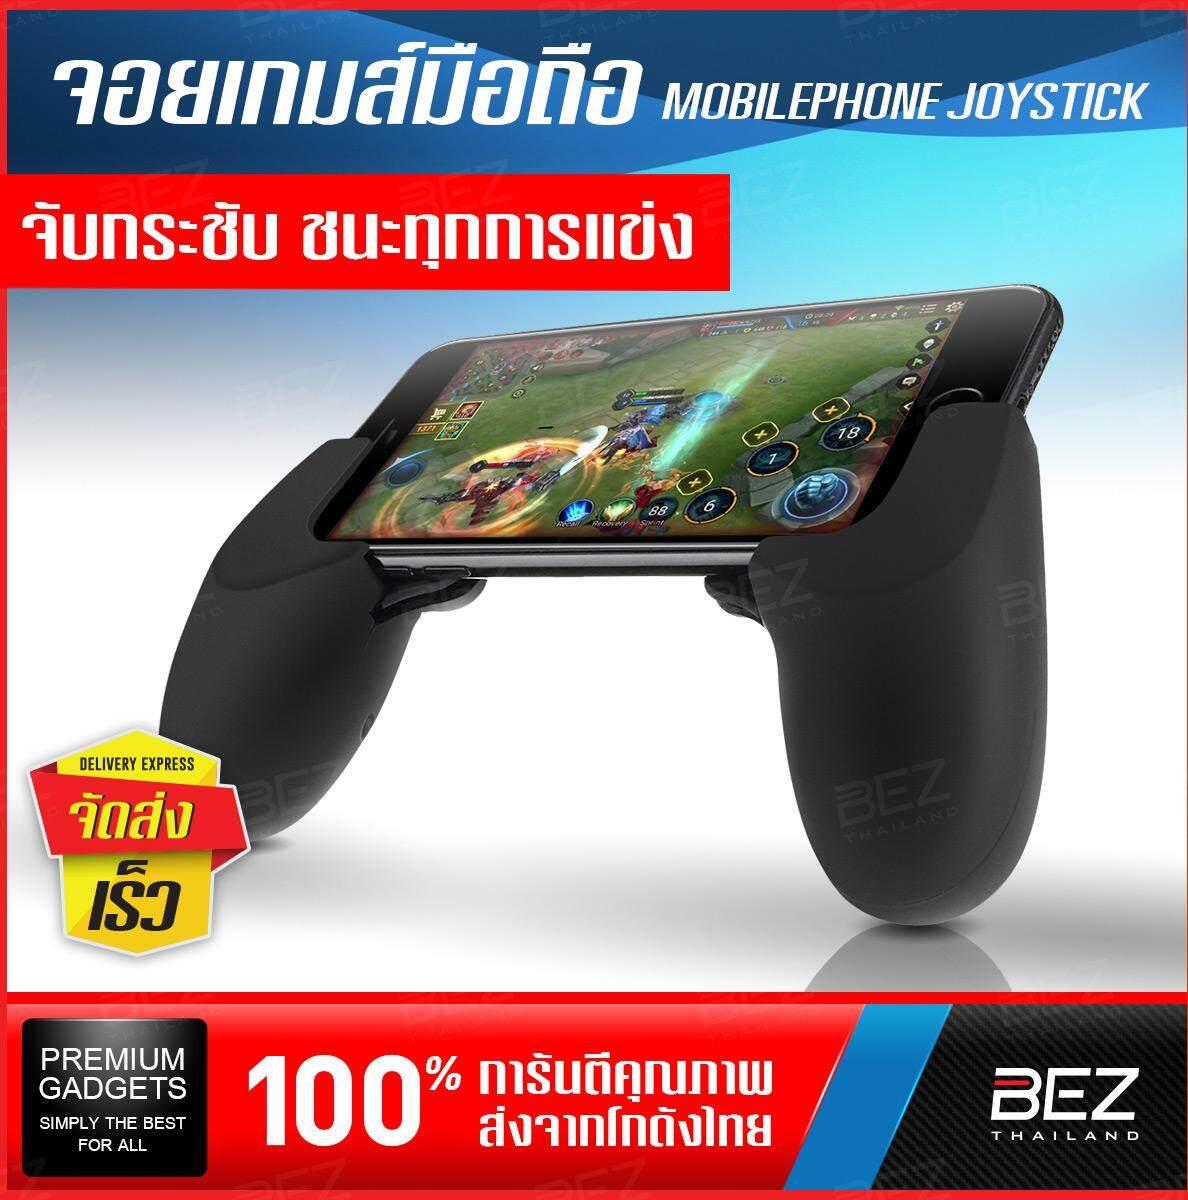 จอยเกมมือถือ ด้ามจับเล่นเกม Bez จอยเกมส์มือถือ จอยถือด้ามจับเล่นเกมสำหรับมือถือ Cell Phone Gaming Grip Joystick จับง่าย เล่นเกมส์ ถนัดมือ / Ho Game.